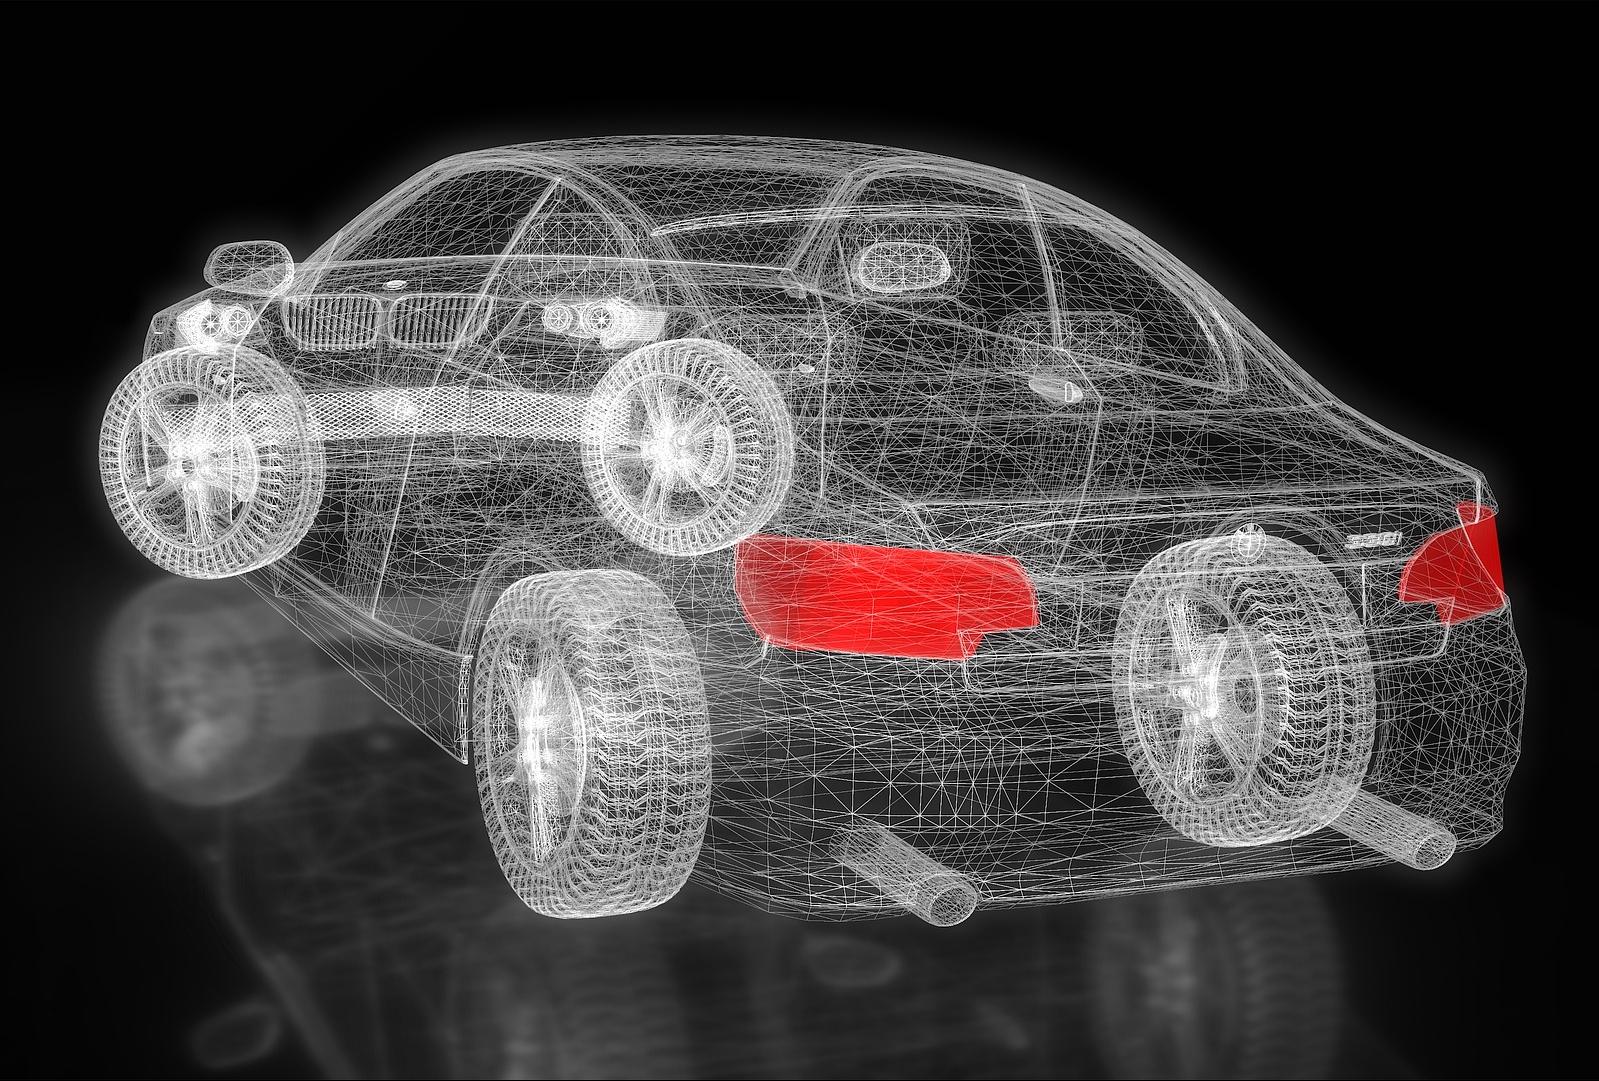 Komfort und Sicherheit in datengesteuerten Fahrzeugen der nächsten Generation